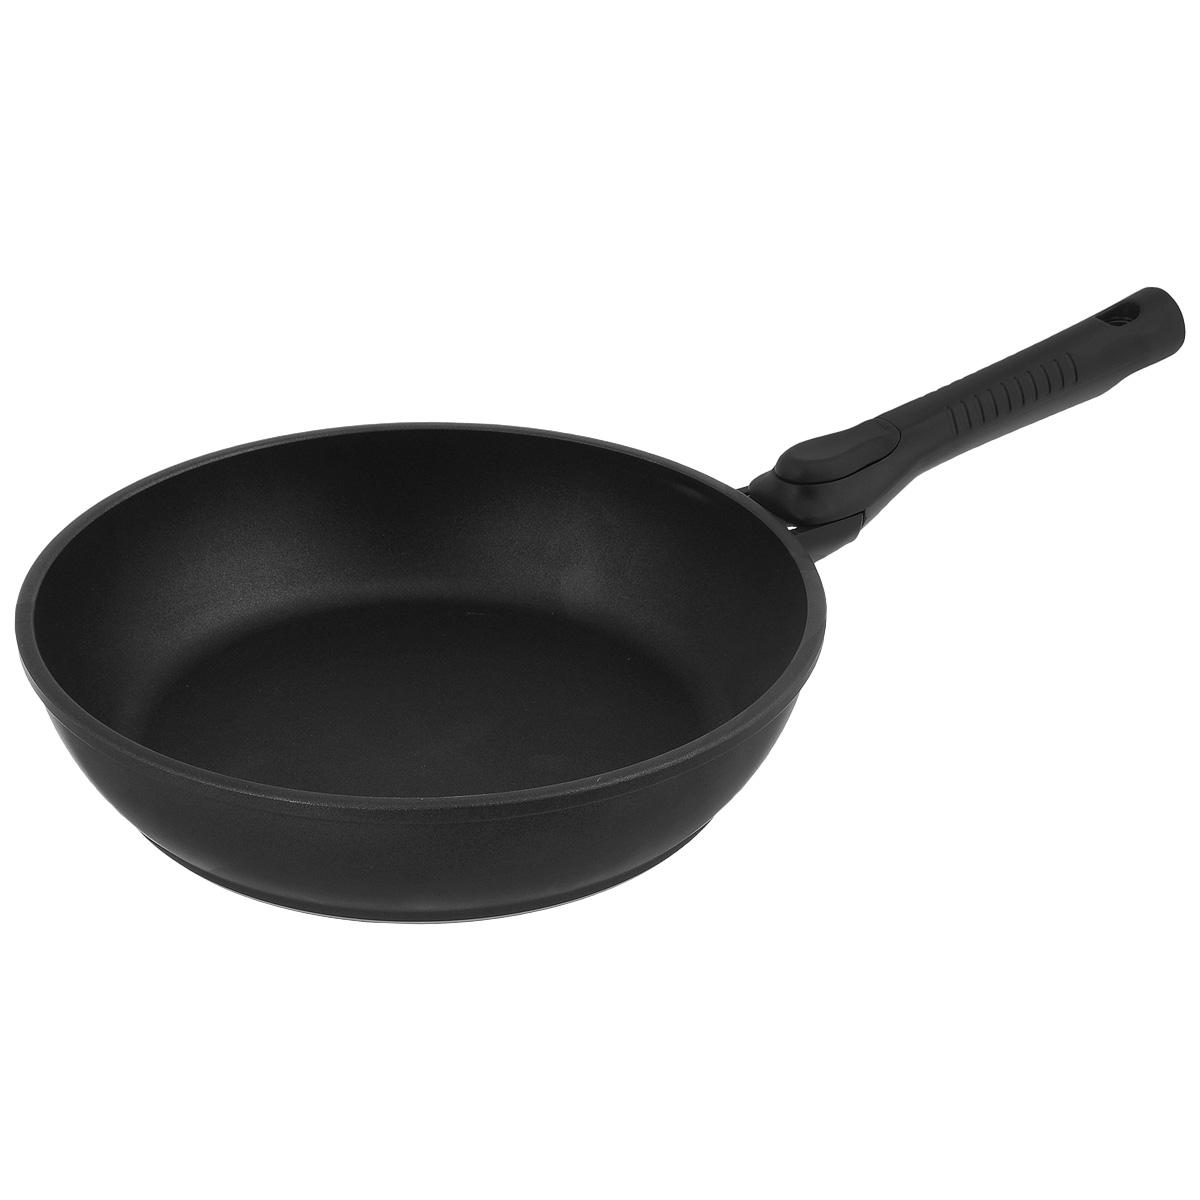 Сковорода литая Нева Металл Посуда Классическая, с антипригарным покрытием, со съемной ручкой, цвет: черный. Диаметр 28 см8028УСковорода НМП Классическая из литого алюминия, с 4-слойным полимер-керамическим антипригарным покрытием, многофункциональна и удобна в эксплуатации, в ней можно жарить, тушить и томить. Отлично подходит для приготовления гарниров и блюд с большим количеством ингредиентов. Эргономичная ручка - съемная, что позволяет использовать сковороду в духовом шкафу. Благодаря качественному антипригарному покрытию, вы можете готовить с минимальным количеством масла. Особенности посуды серии ТИТАН: - 4-слойная антипригарная полимер-керамическая система ТИТАН является эталоном износостойкости антипригарного покрытия, непревзойденного по сроку службы и длительности сохранения антипригарных свойств, благодаря особому составу, структуре и толщине - в состав системы ТИТАН входят антипригарные слои на водной основе - система ТИТАН традиционно производится без использования PFOA /перфтороктановой кислоты/ - равномерно нагревается за счет особой конструкции корпуса по принципу золотого сечения, толстых стенок и еще более толстого дна - приготовленная еда получается особенно вкусной благодаря специфическим термоаккумулирующим свойствам литого алюминия - подходит для газовых, электрических и стеклокерамических плит. Посуду можно мыть в посудомоечной машине- корпус практически не подвержен деформации даже при сильном нагреве - изделия проходят тесты по условному циклу приготовления: нагрев до 220°С, охлаждение, истирание губкой с 5%-раствором моющего средства. Сковороды с покрытием ТИТАН выдерживают более 4000 таких циклов.Диаметр: 28 см.Высота стенки: 6 см. Толщина стенки: 4 мм.Толщина дна: 6 мм.Длина ручки: 20 см.